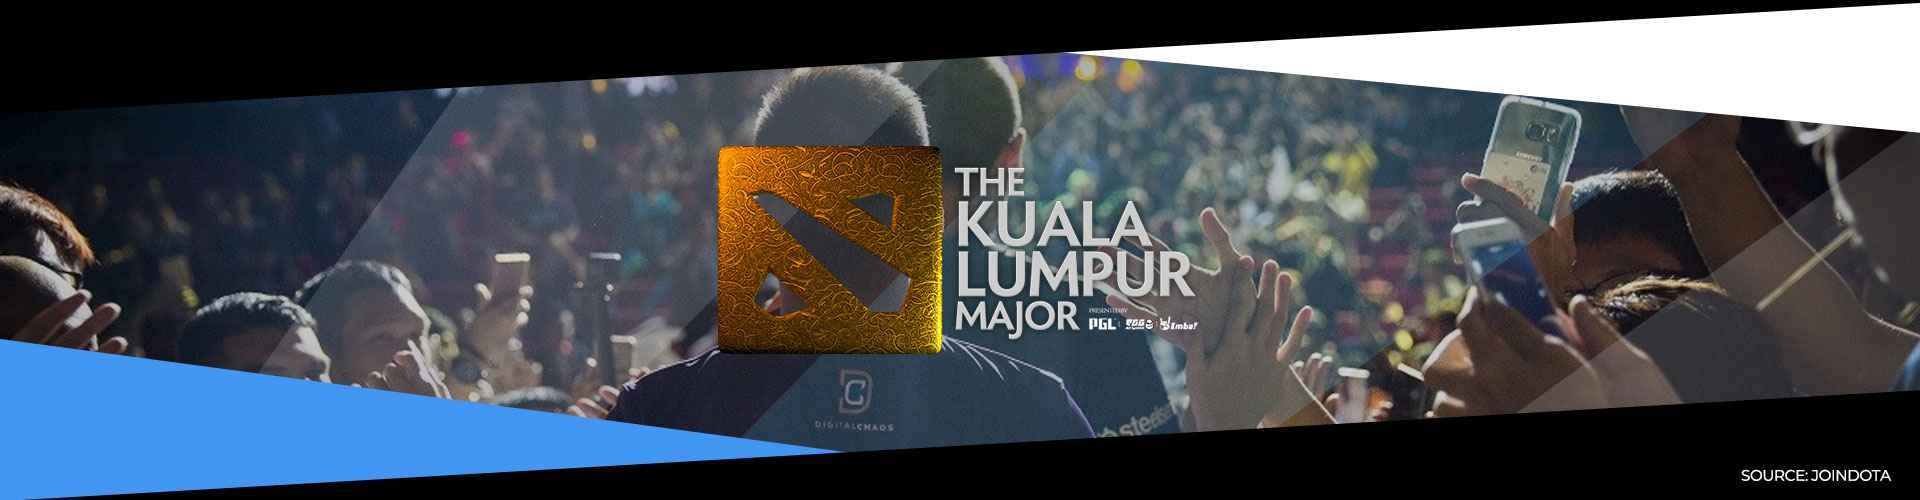 Eventsida om Kuala Lumpur Major och hur turneringen utspelade sig.